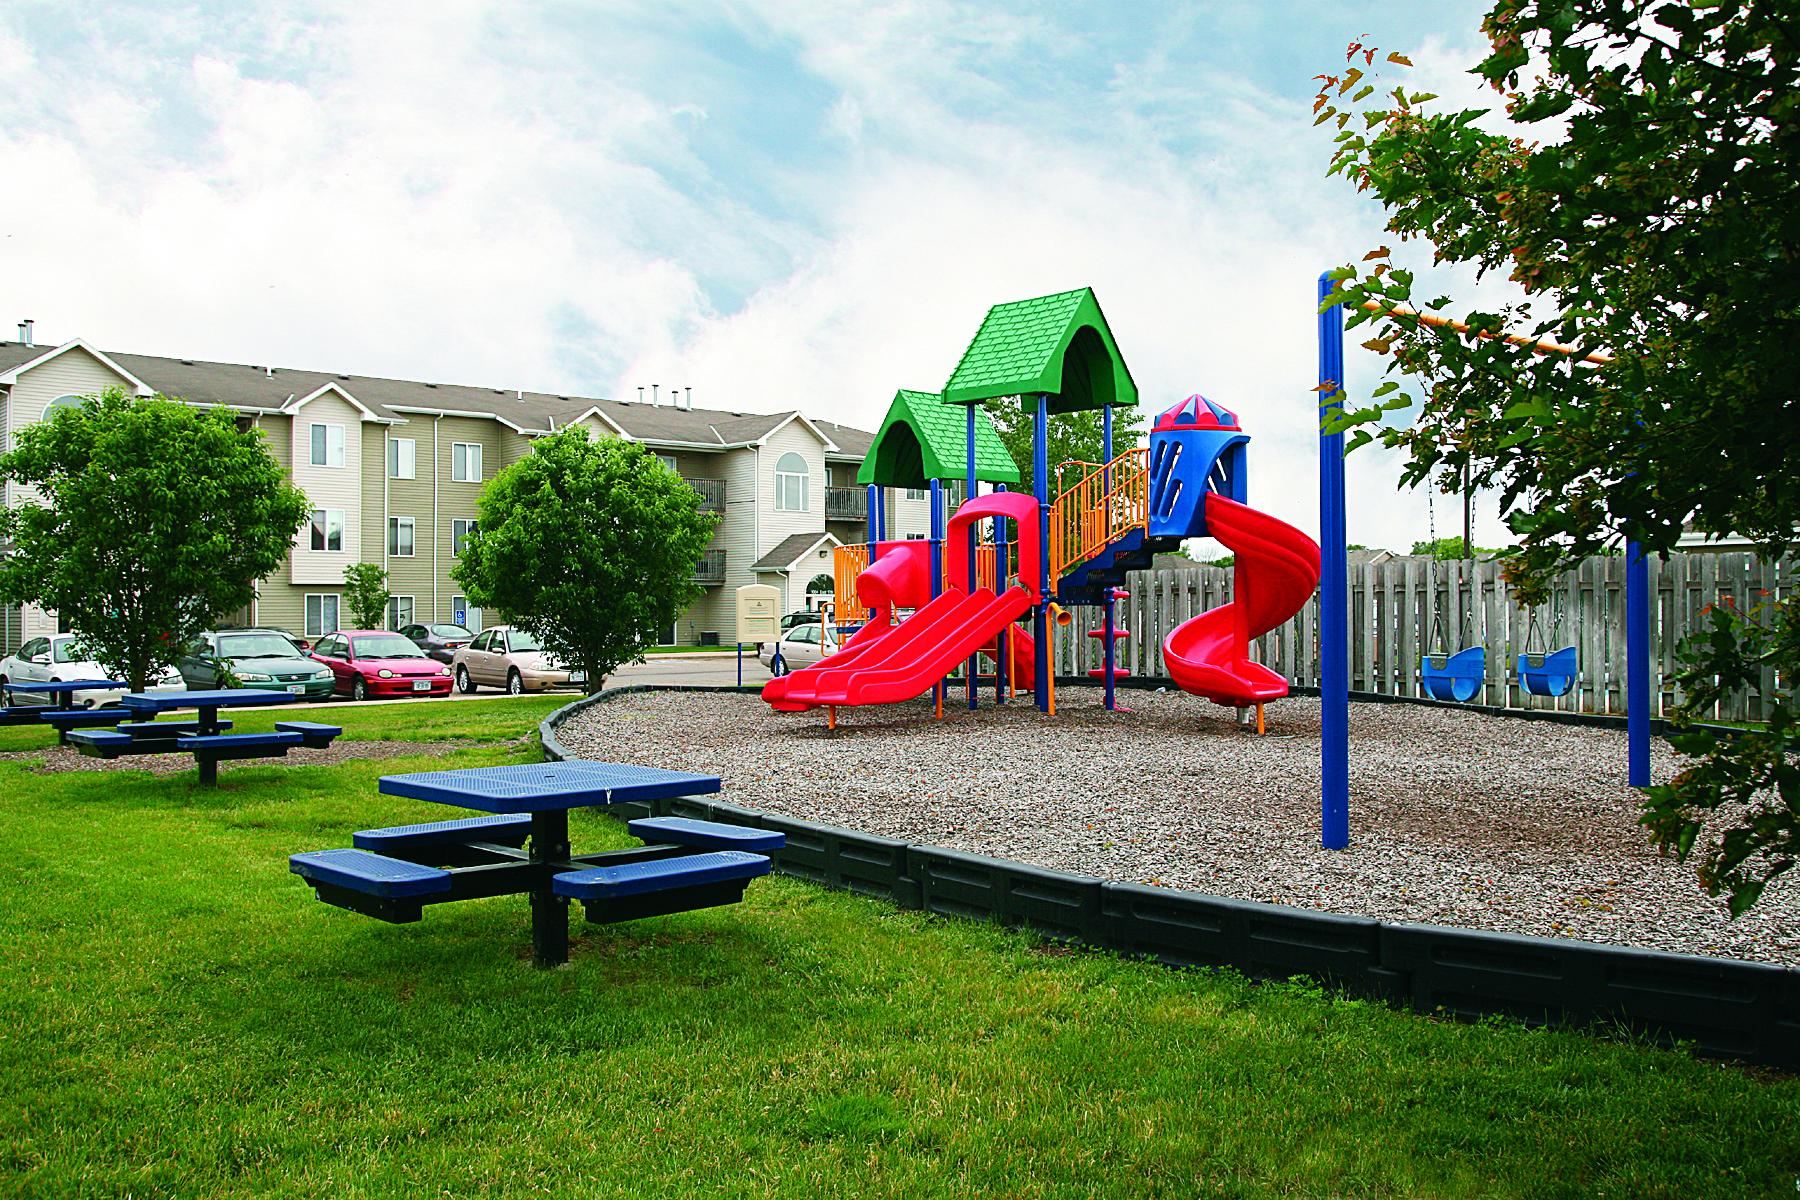 Run Around at the Community Playground